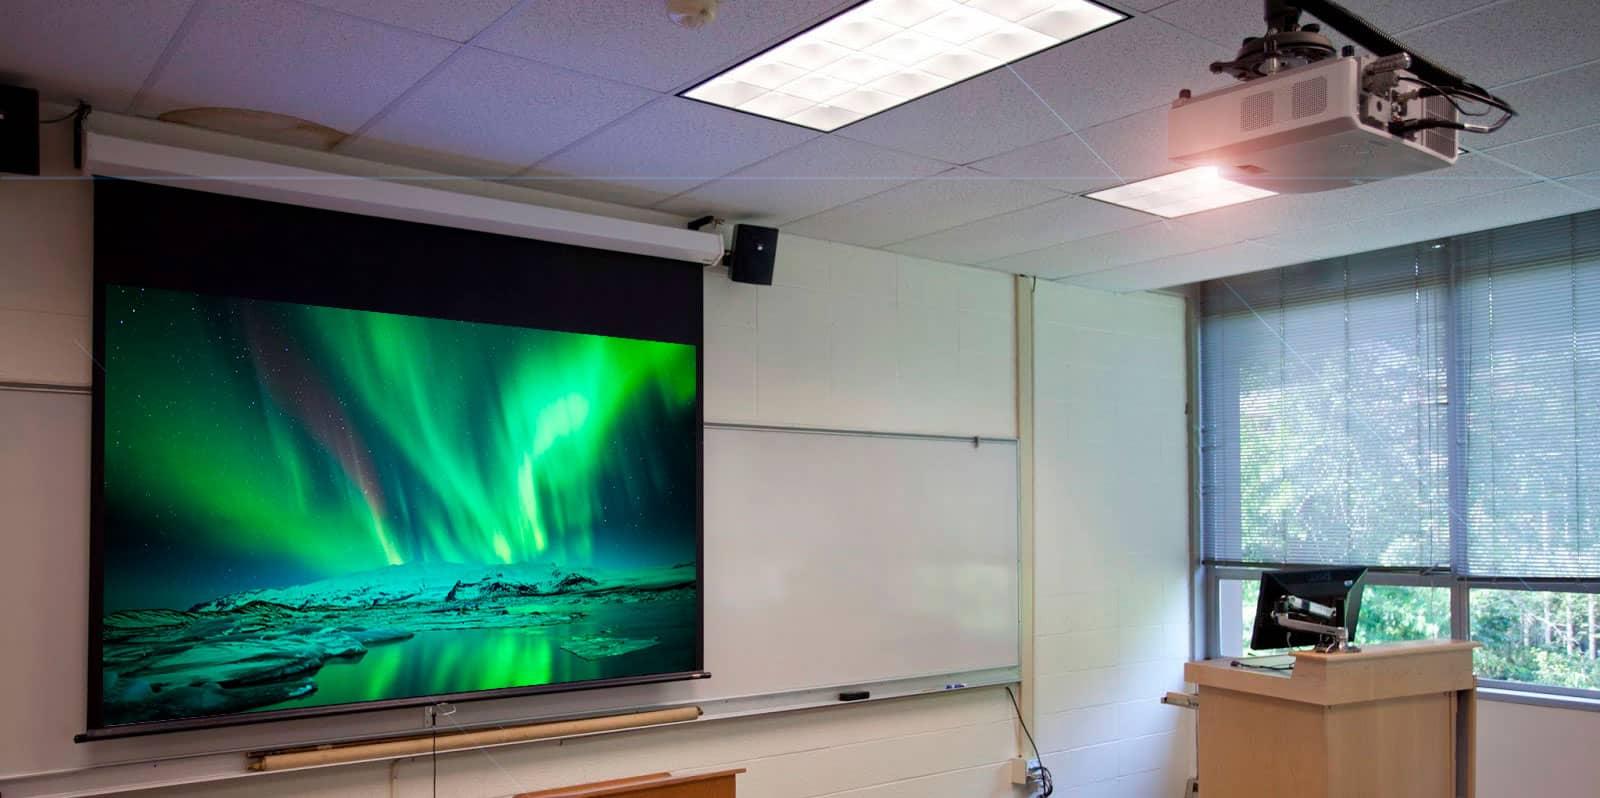 pantalla de proyección de techo